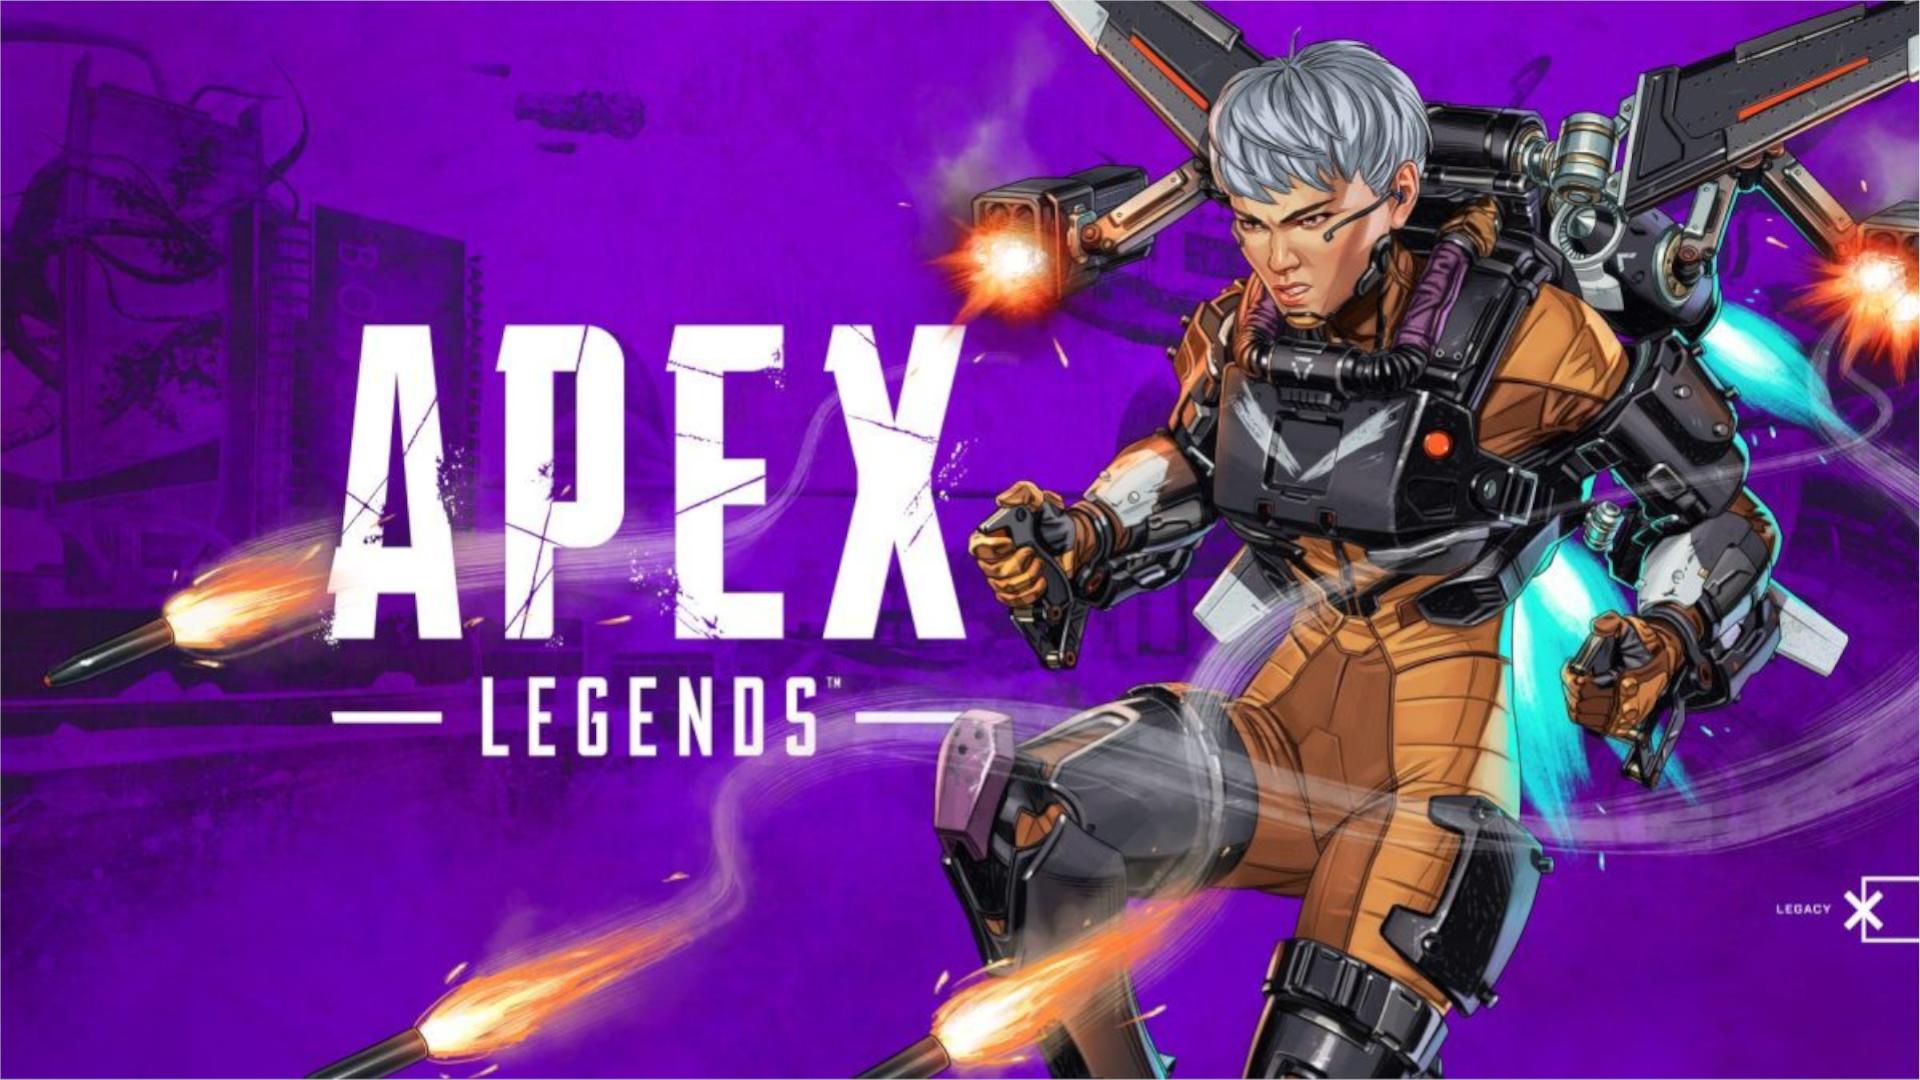 Apex Legends é um Battle Royale diferente para criar estratégias sozinho ou em equipe (Foto: Divulgação/EA)